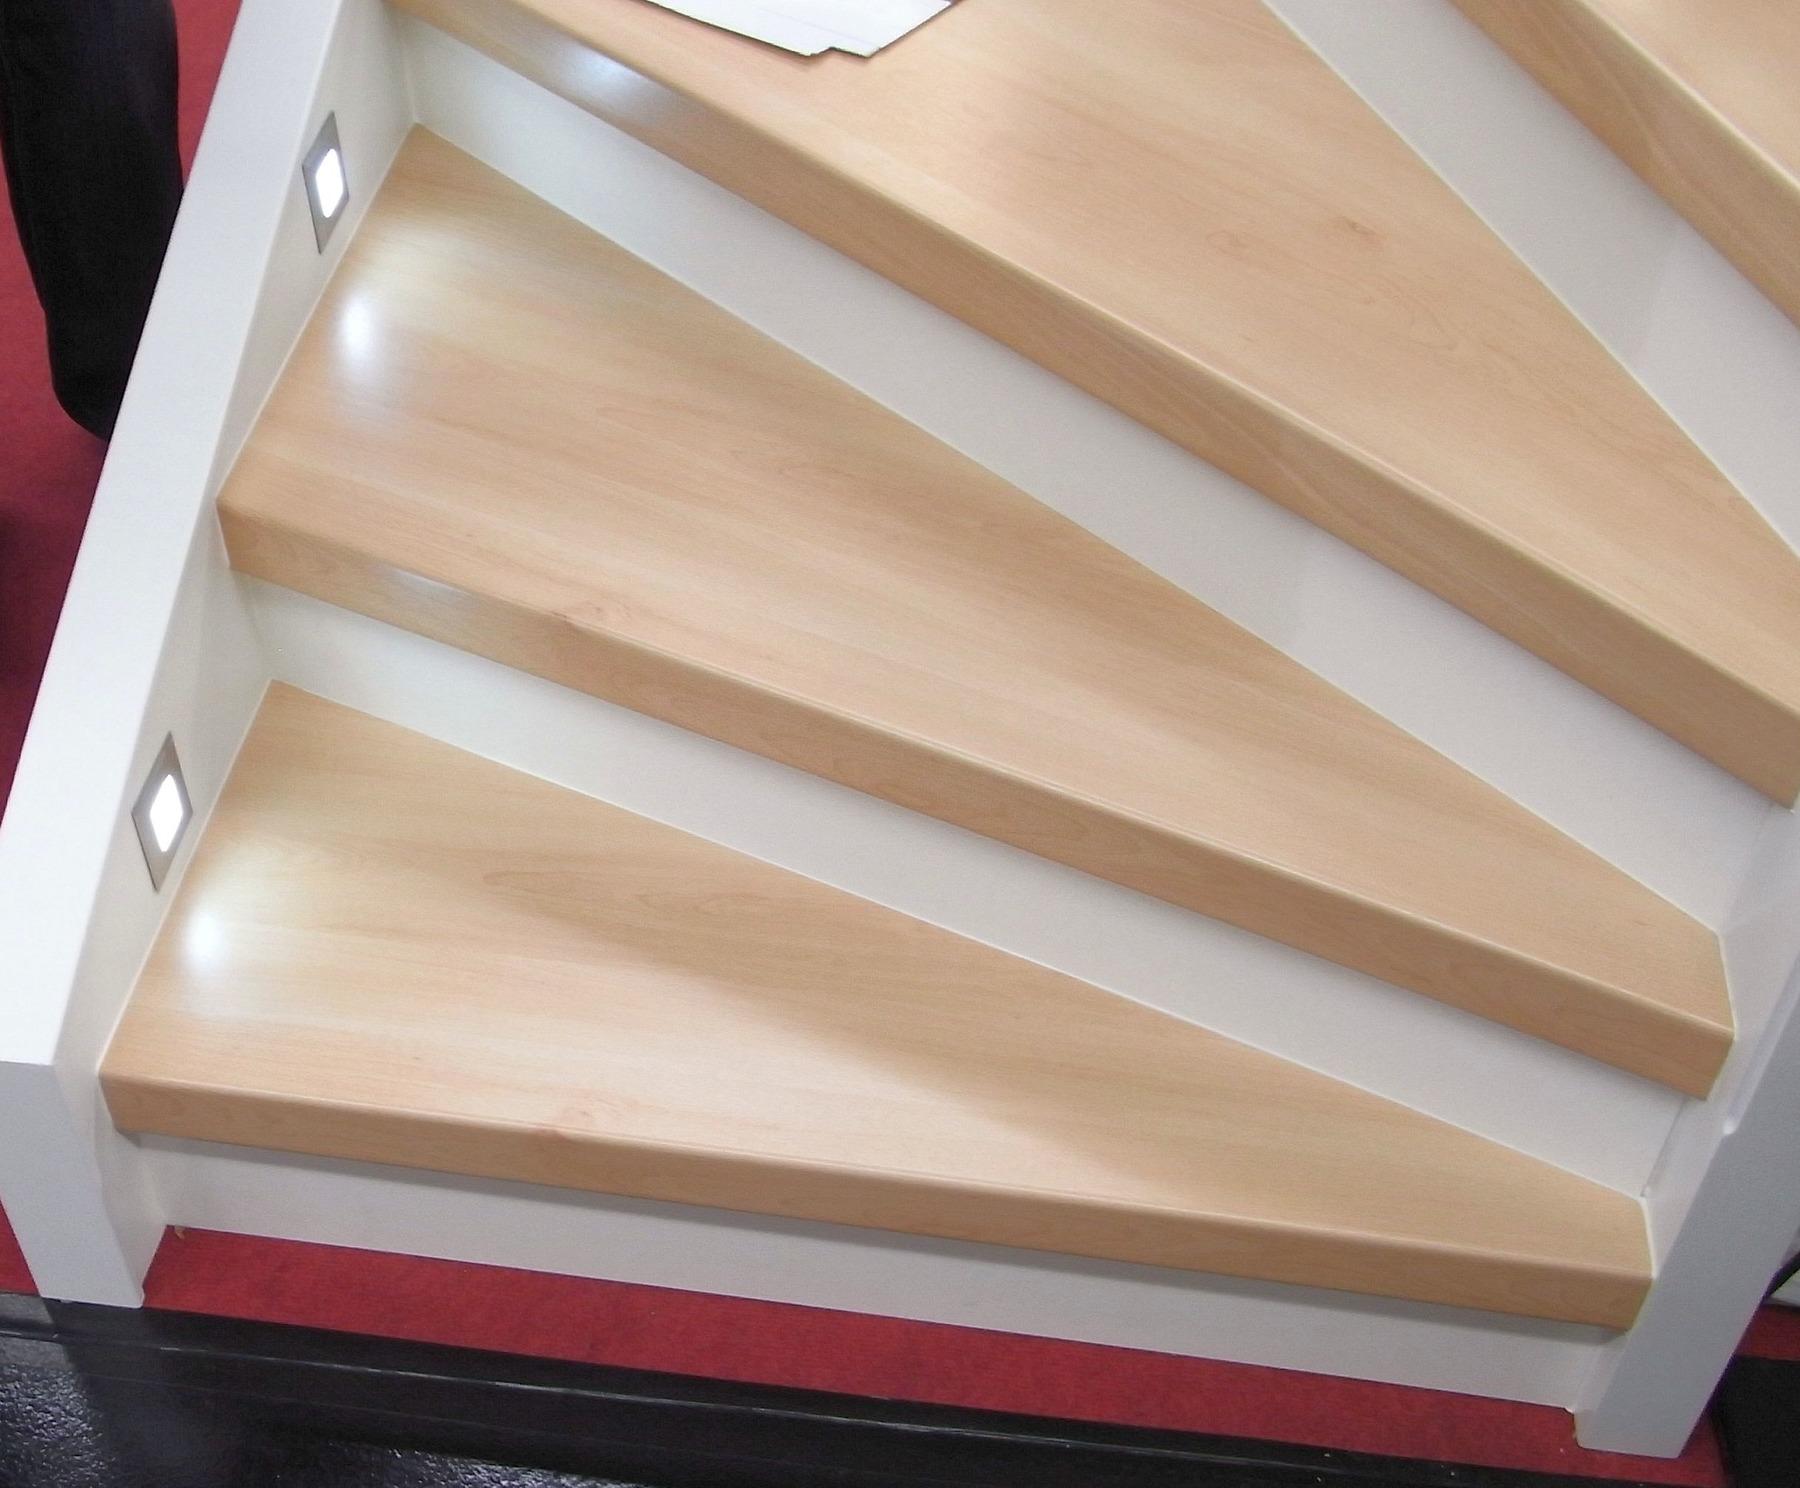 treppenlicht_print Spannende Led Wandleuchte Außen Mit Bewegungsmelder Dekorationen